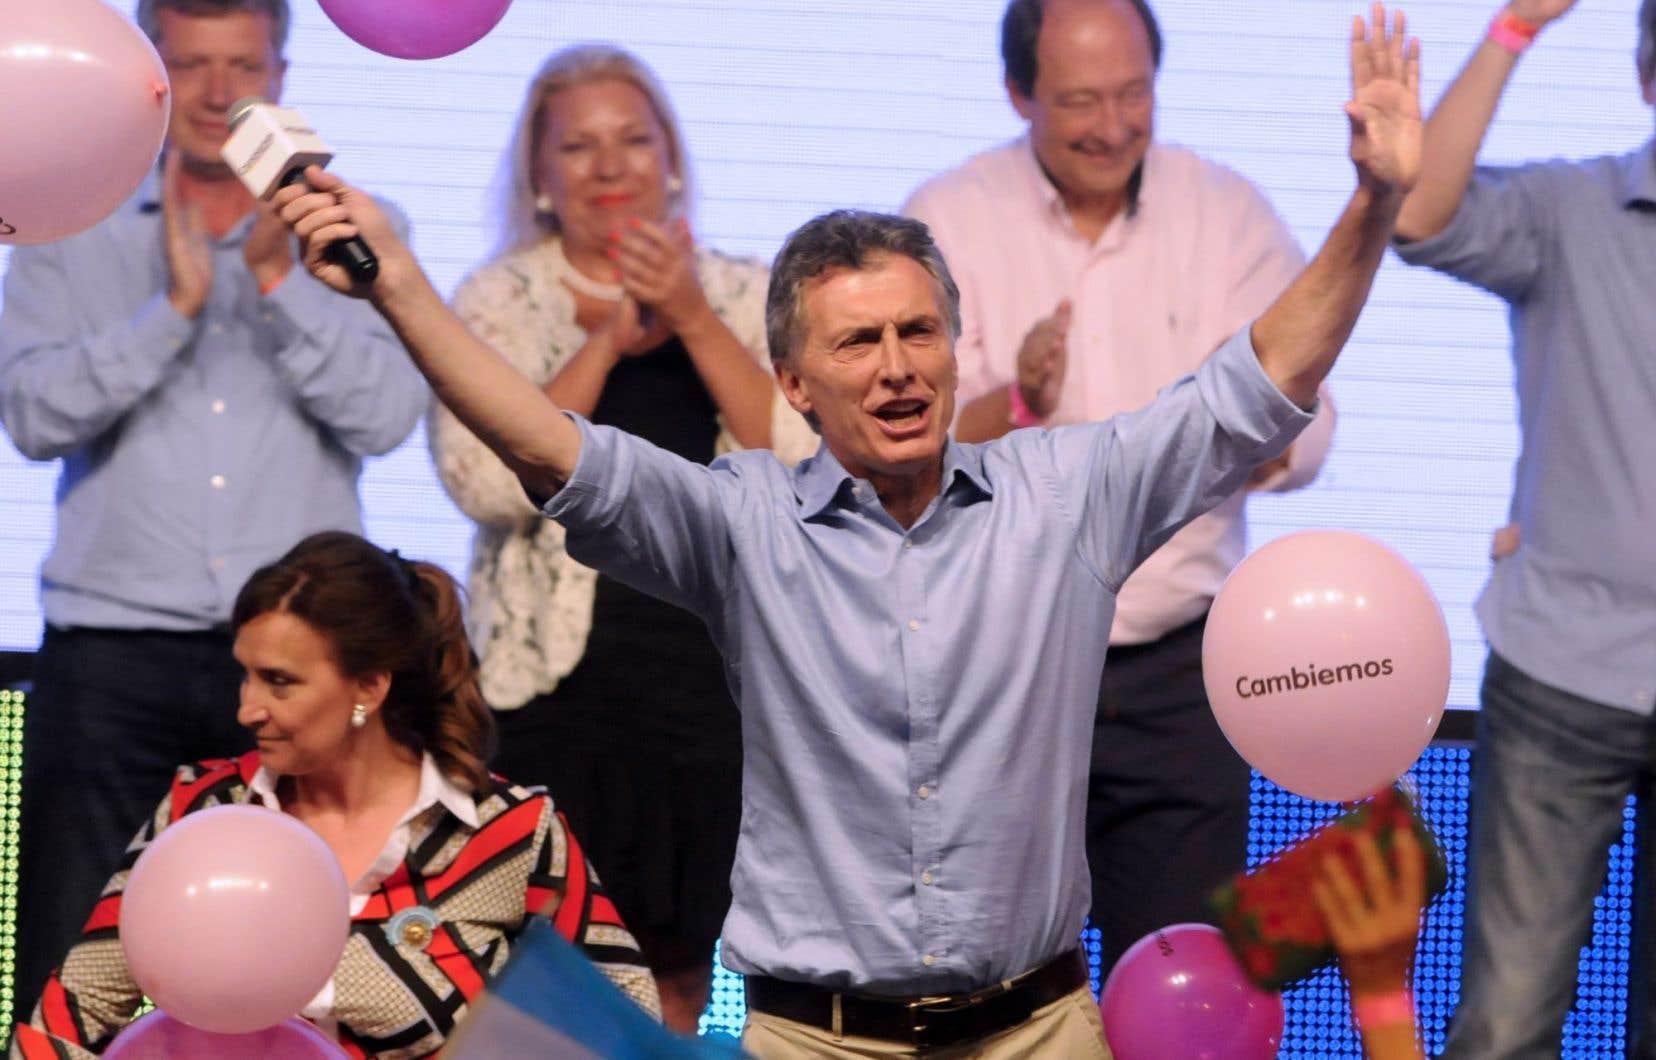 Mauricio Macri a célébré dimanche soir sa victoire à l'élection présidentielle et celle de la coalition Cambiemos, qu'il a bâtie autour du parti de droite qu'il a fondé, le PRO, et du parti de centre-gauche UCR.